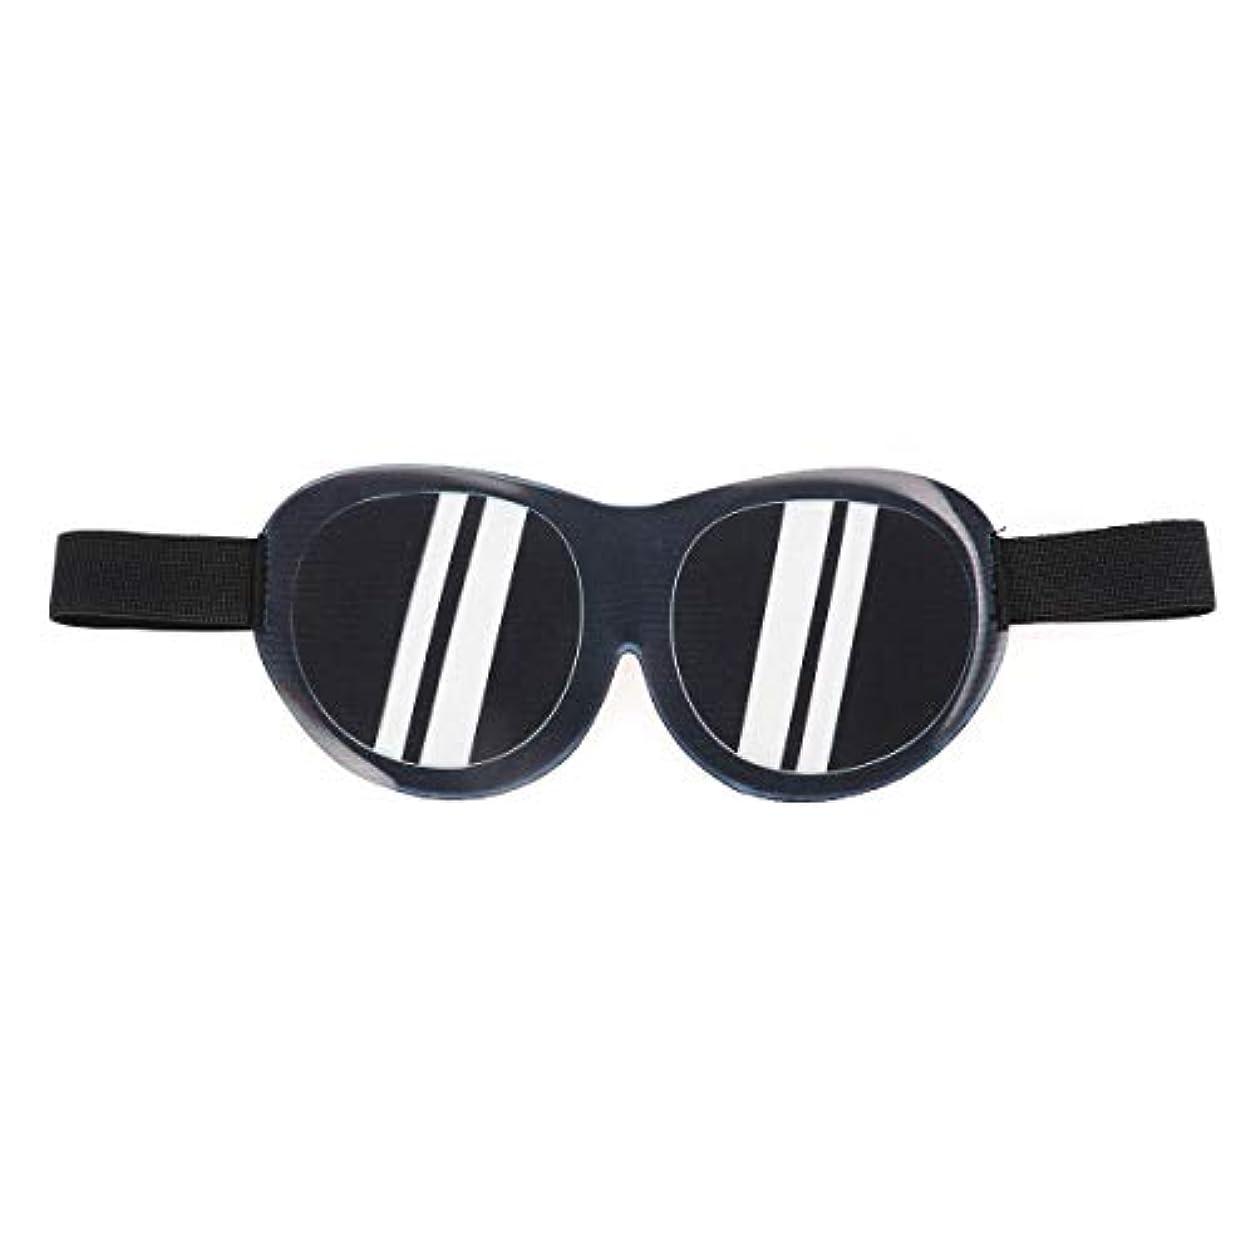 脱獄茎体系的にBeaupretty おかしいアイマスク3Dサングラスアイシェードおかしいなりすましステレオホームスリーパーアイスリープシェード(サングラスを持っているふりをする)